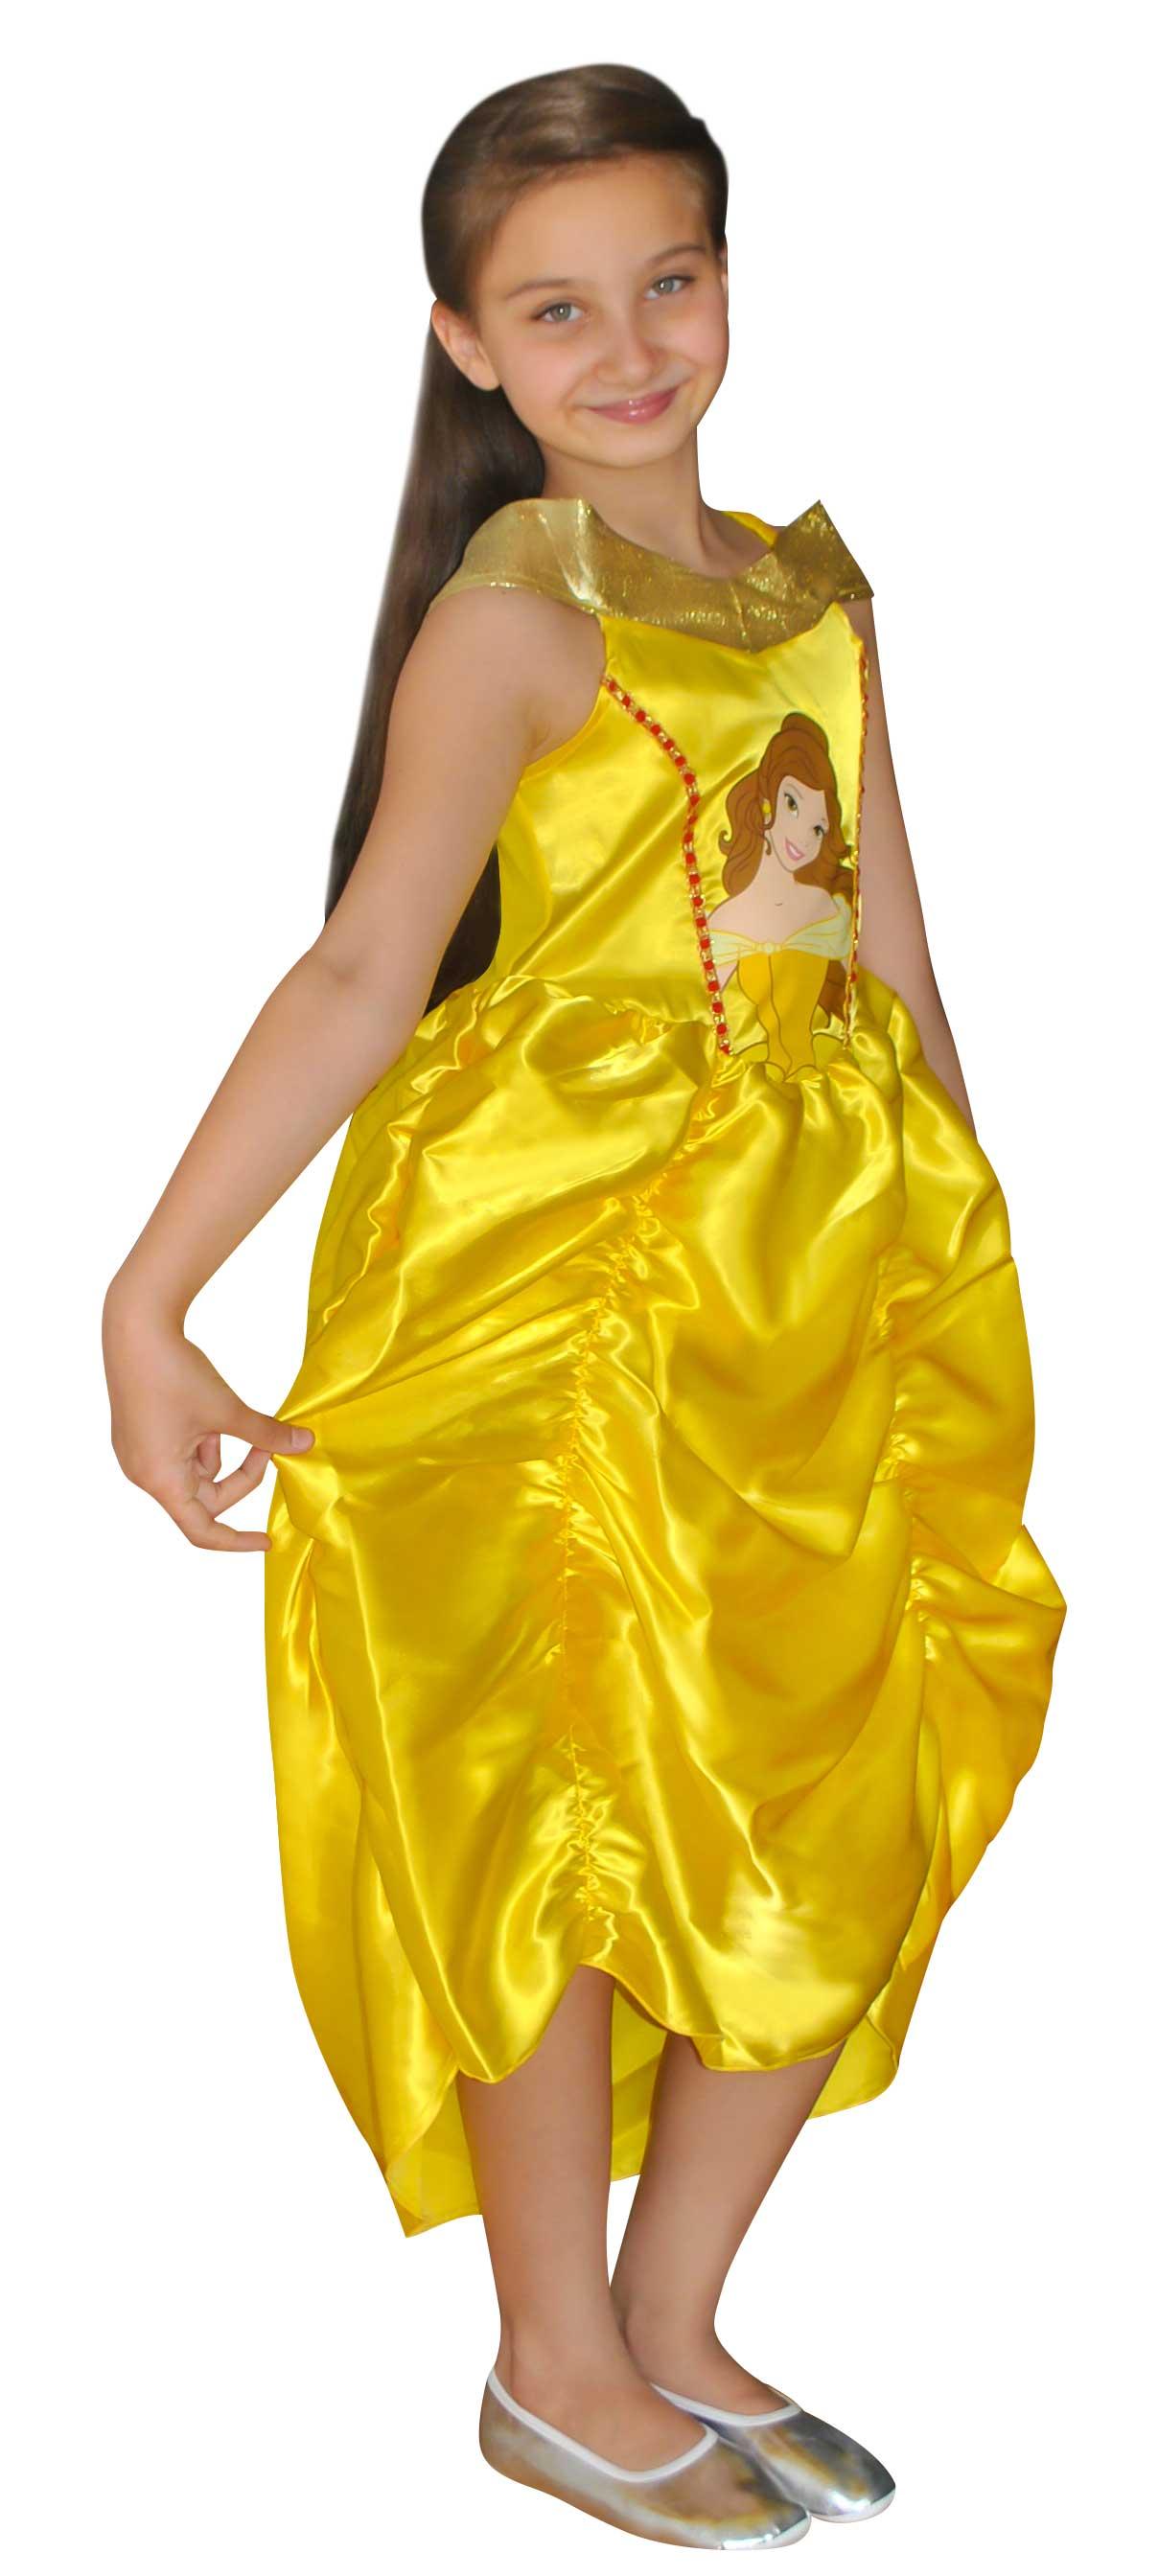 Disney Costume (Ages 10-12)